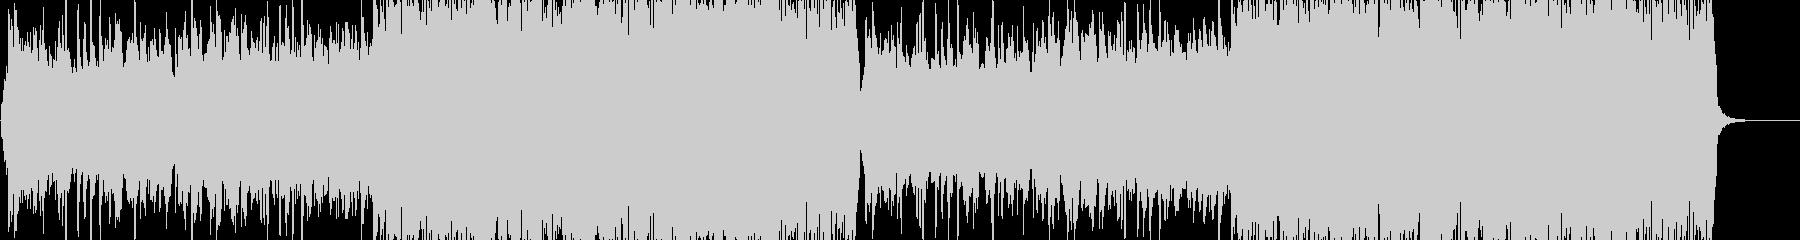 荒野・砂漠ステージのBGM【ループ】の未再生の波形